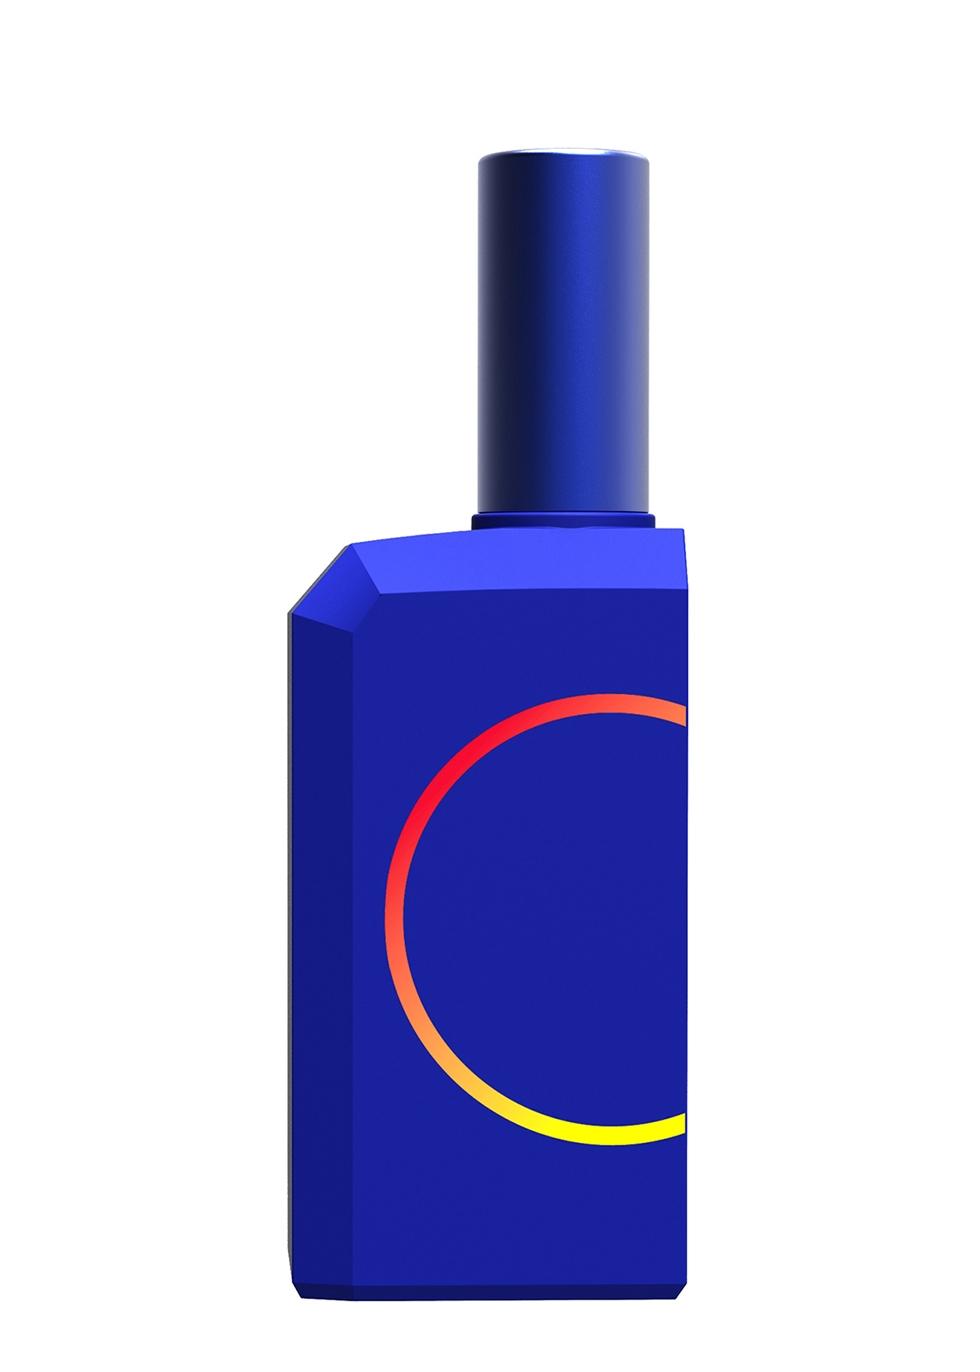 This Is Not A Blue Bottle 1.3 60ml - Histoires de Parfums